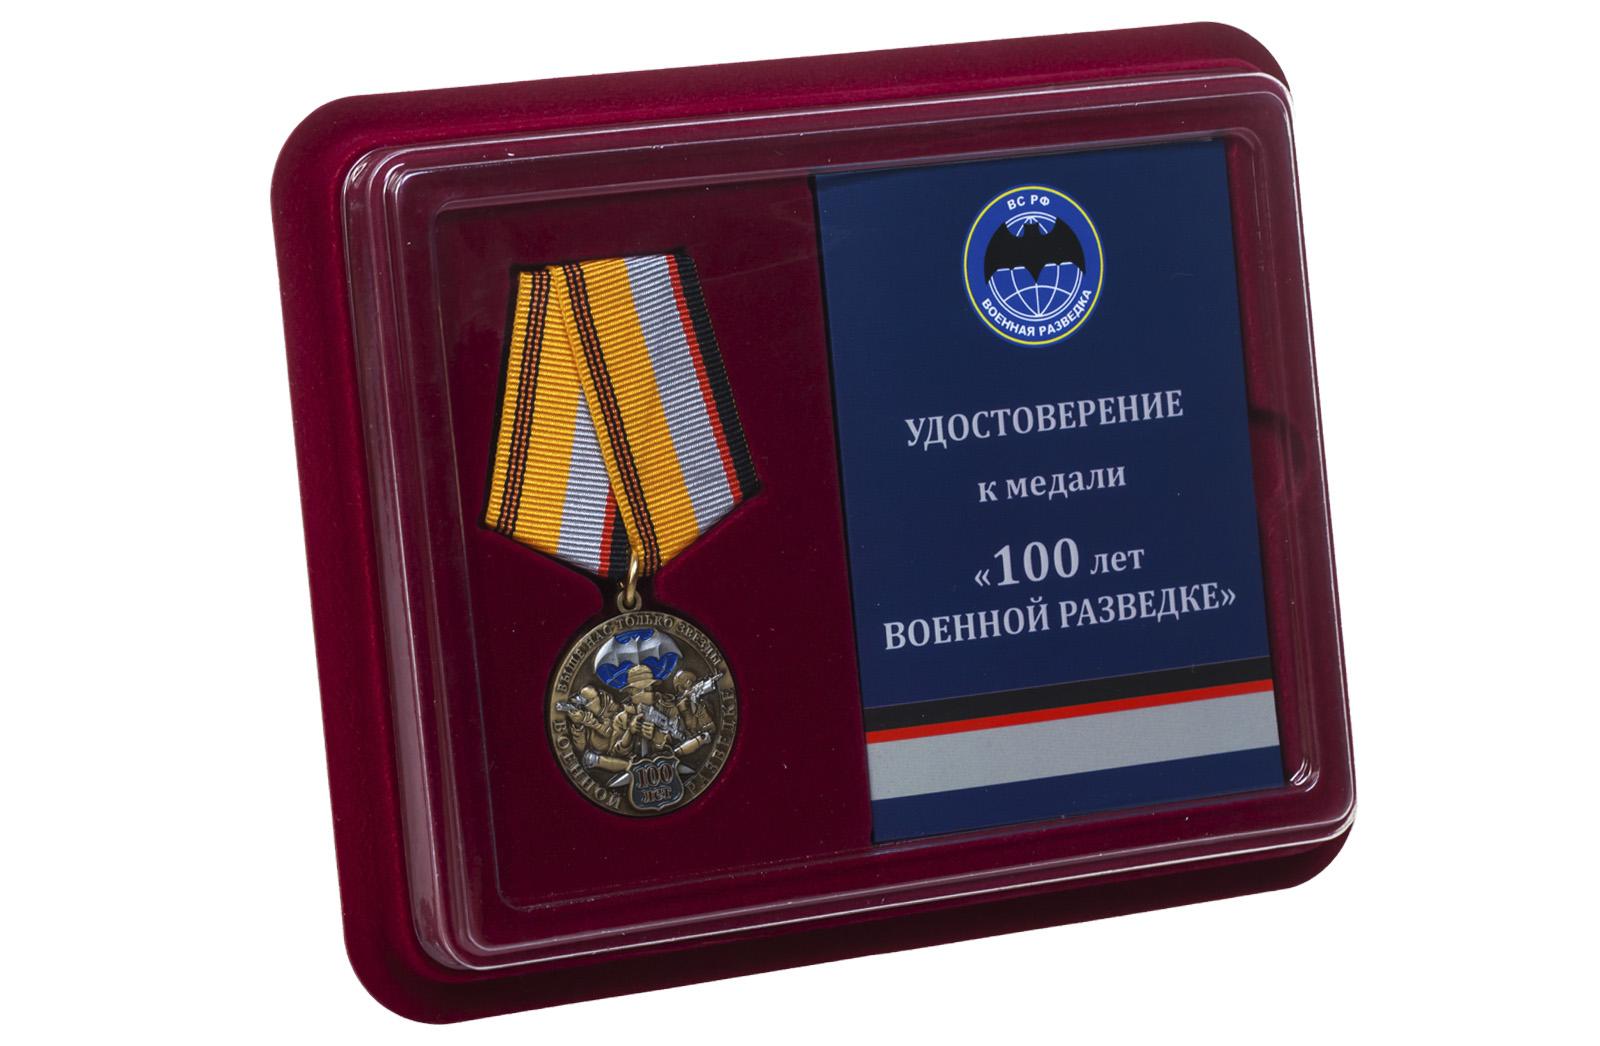 Купить юбилейную медаль к 100-летию Военной разведки оптом выгодно